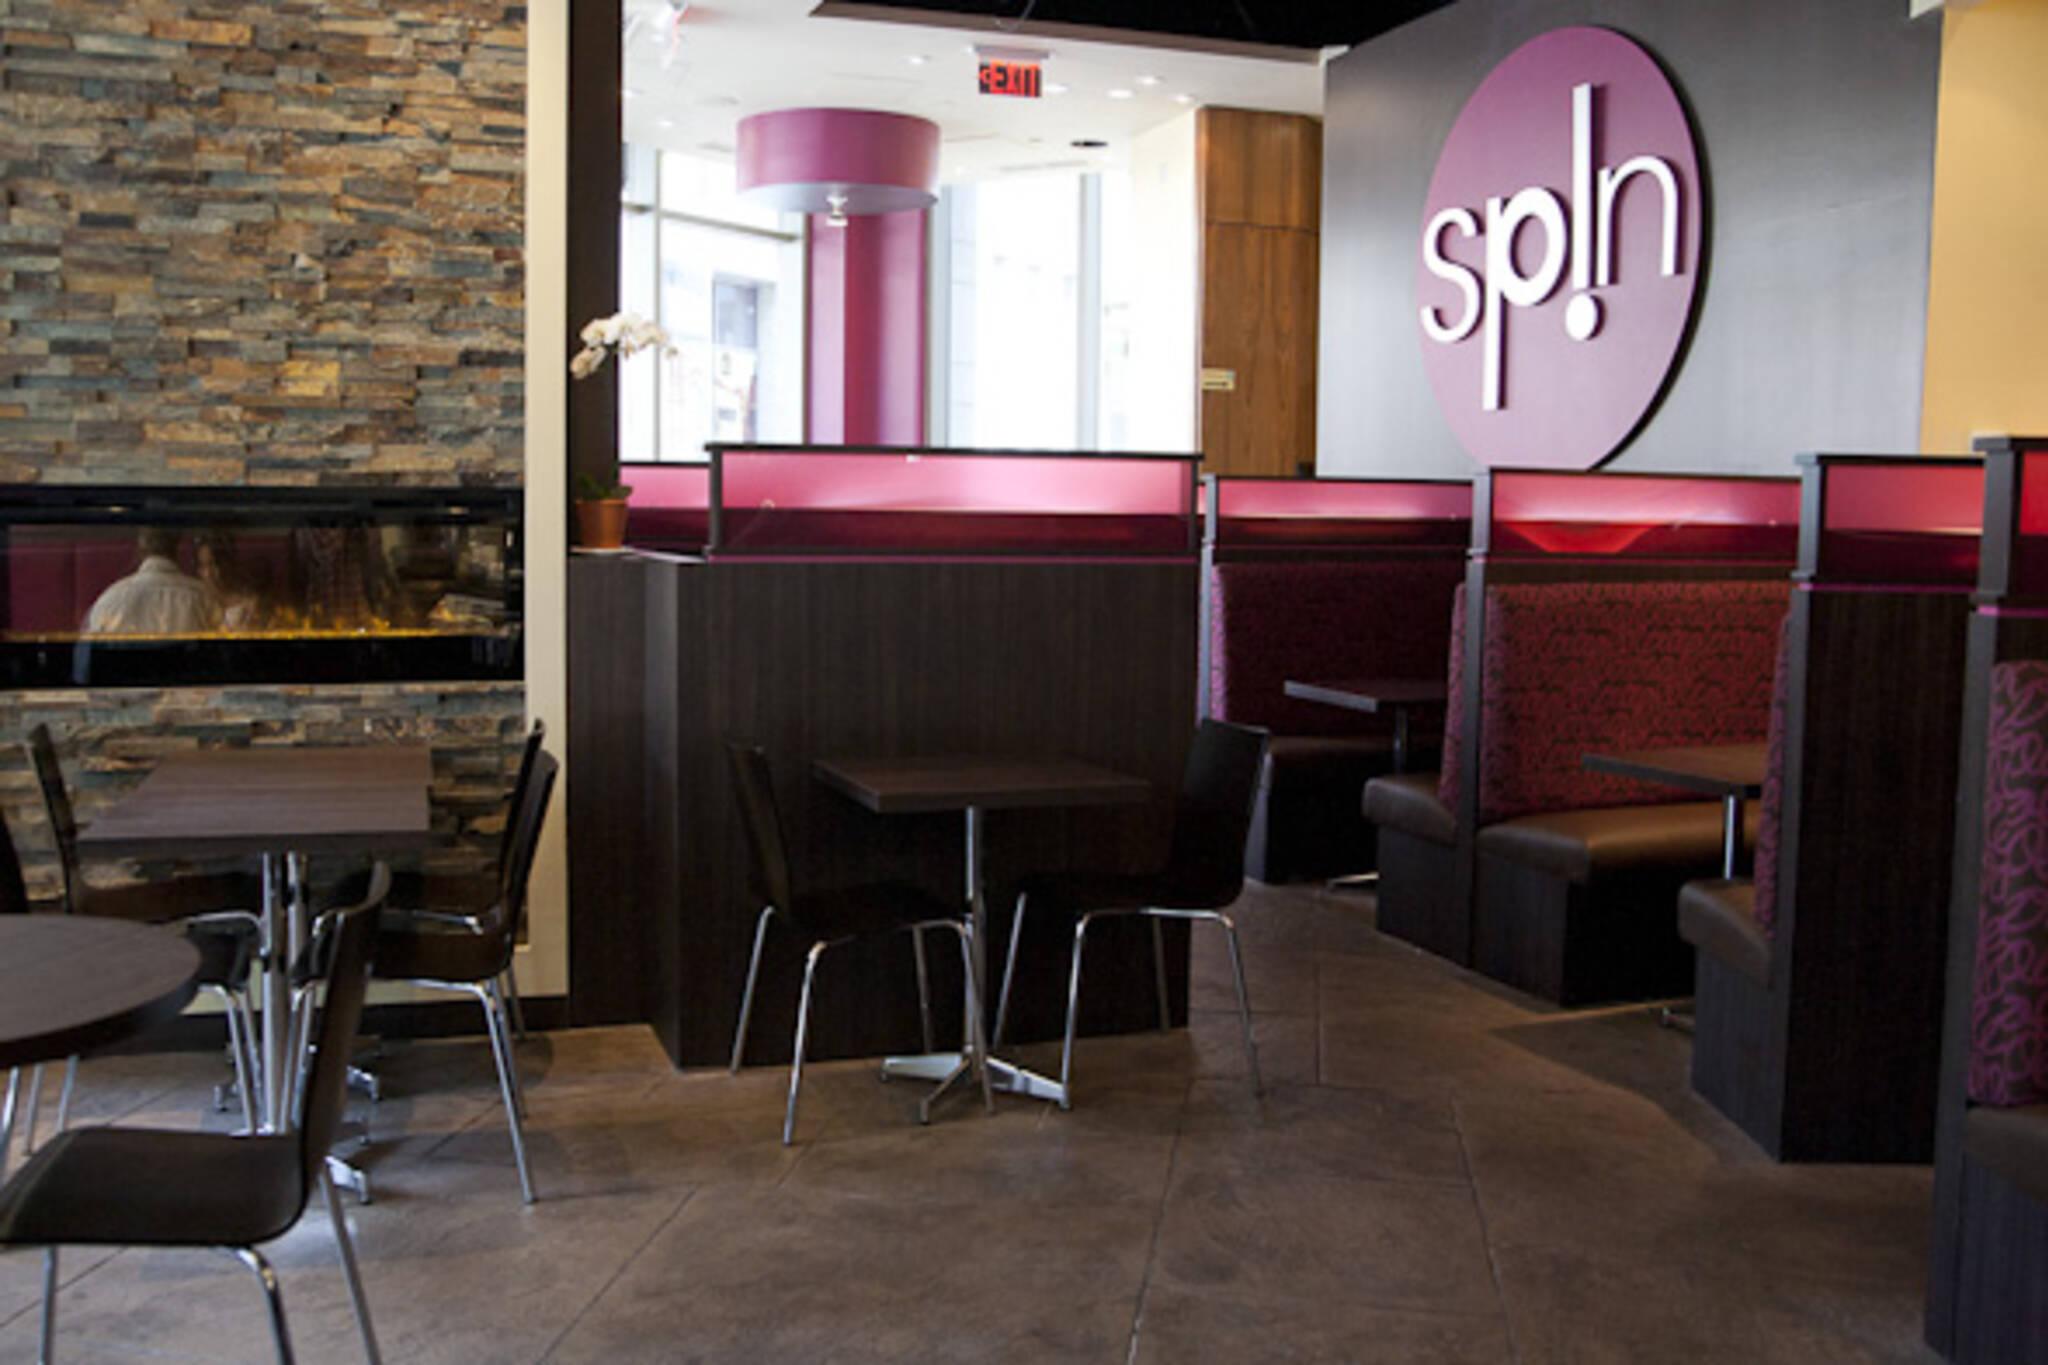 Spin Dessert Cafe